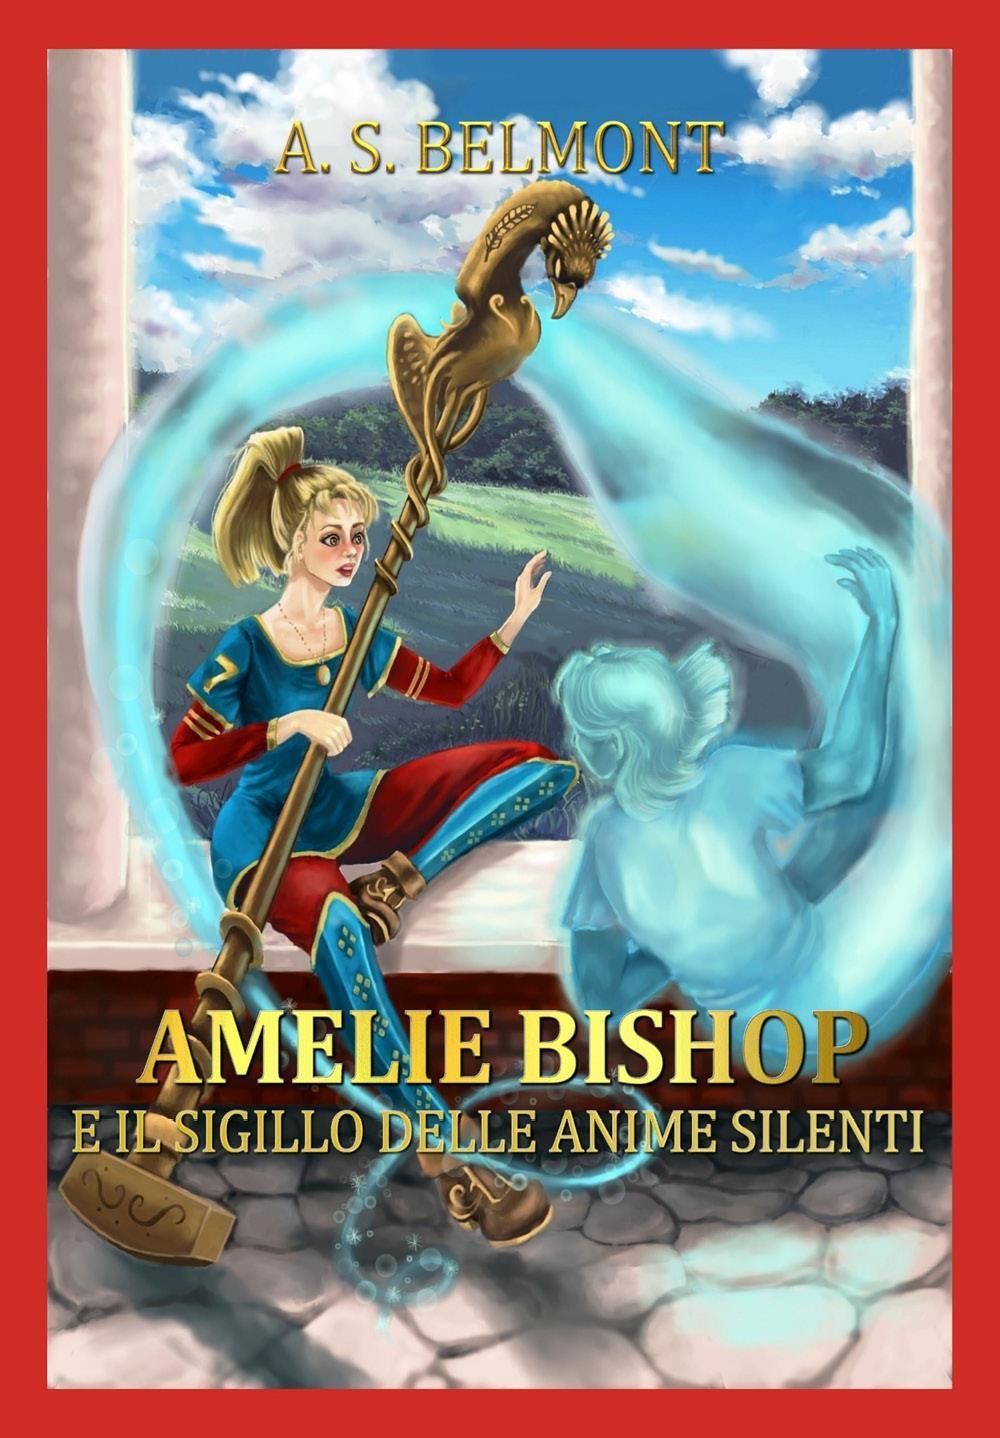 Amelie Bishop e il sigillo delle anime silenti